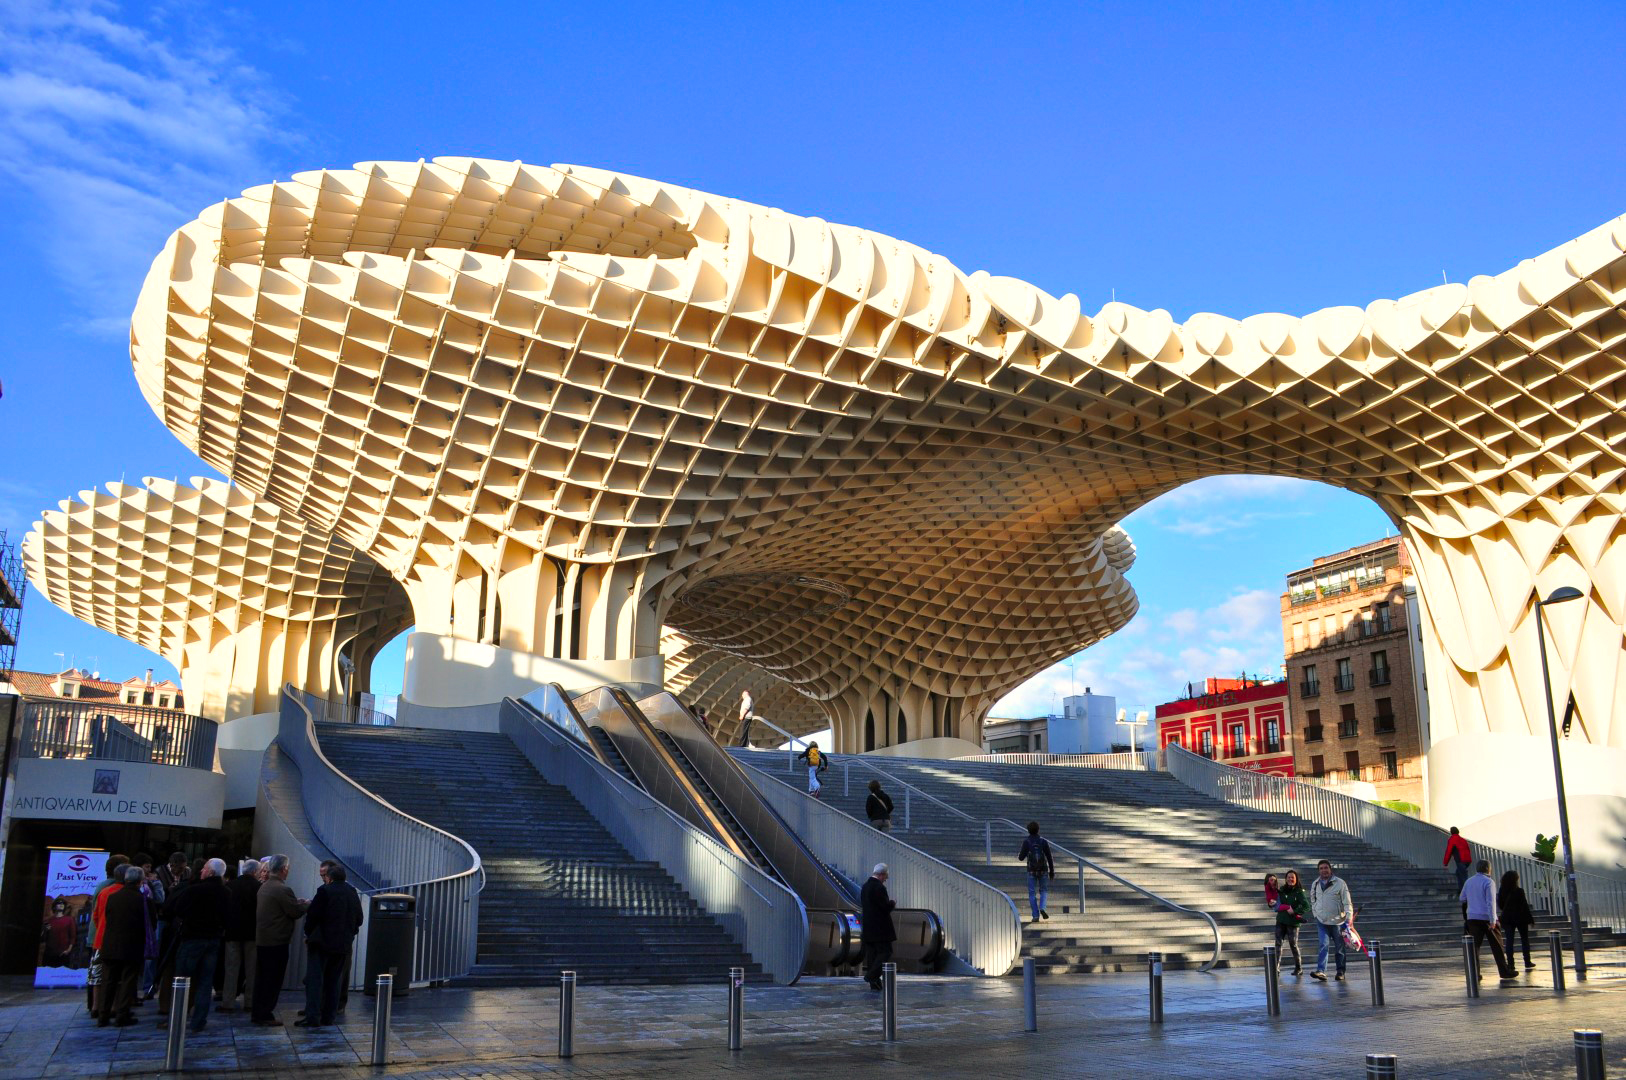 Qué ver en Sevilla, España - What to see in Sevilla, Spain qué ver en sevilla - 30706397113 92ca0b3698 o - Qué ver en Sevilla